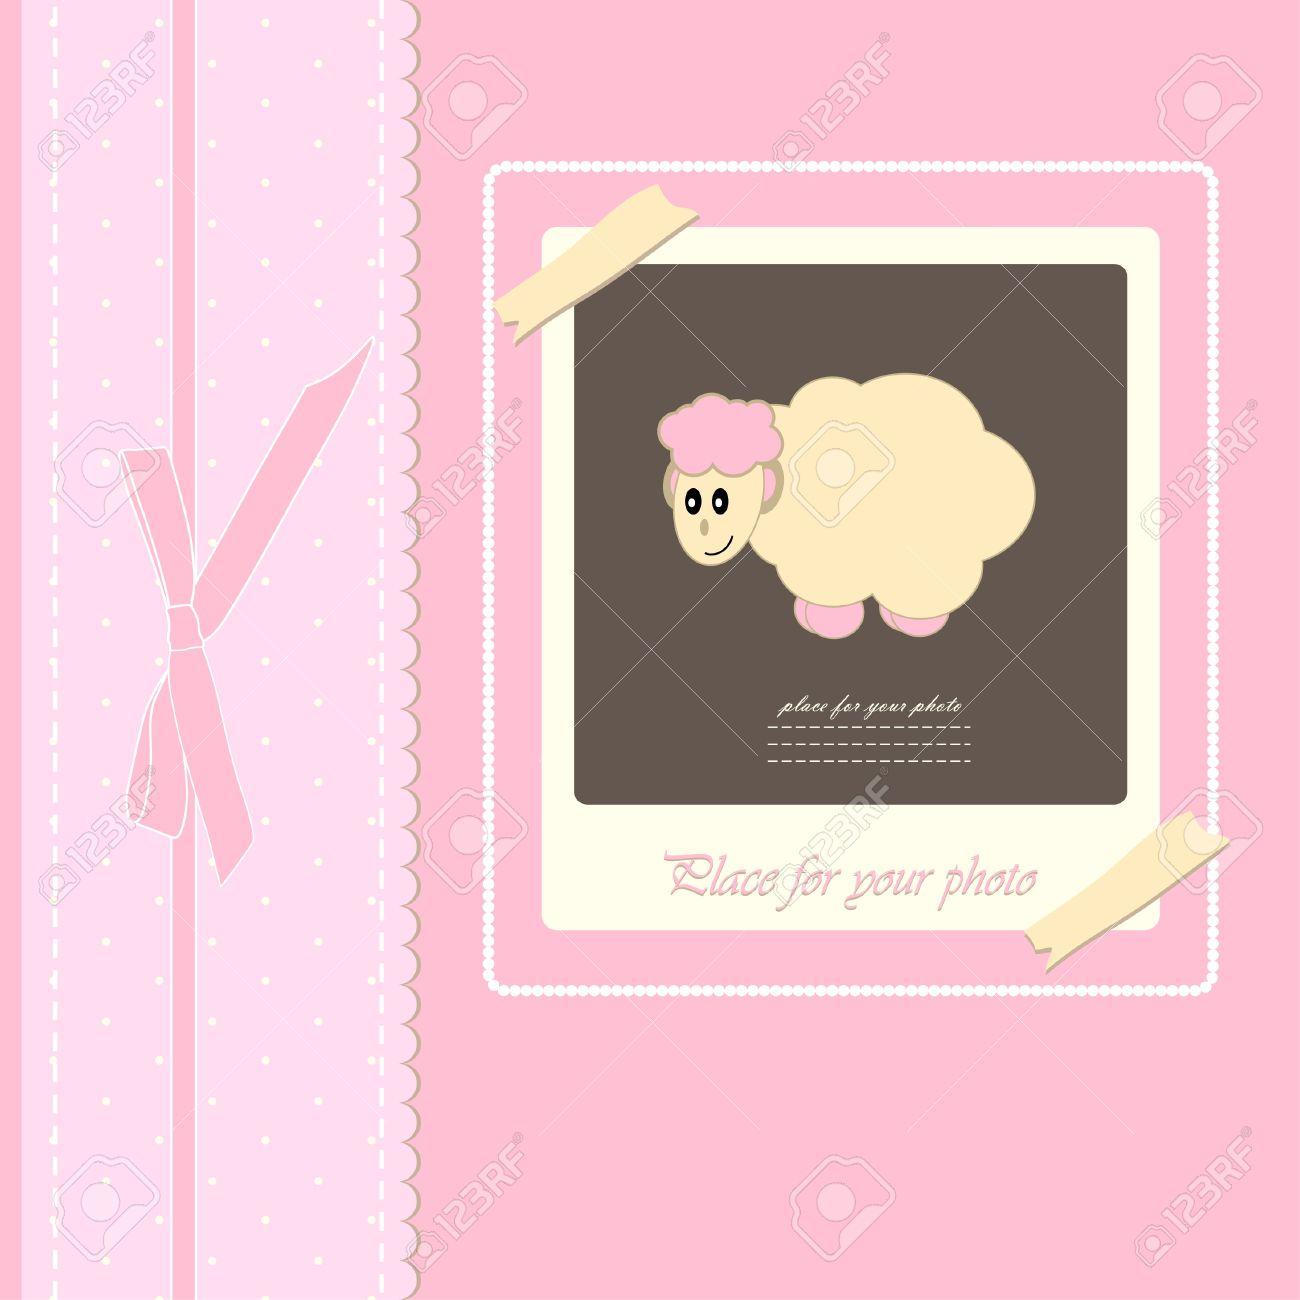 Baby Schöne Mädchen Karte Mit Ihrem Text Für Einladung, Gruß, Geburtstag,